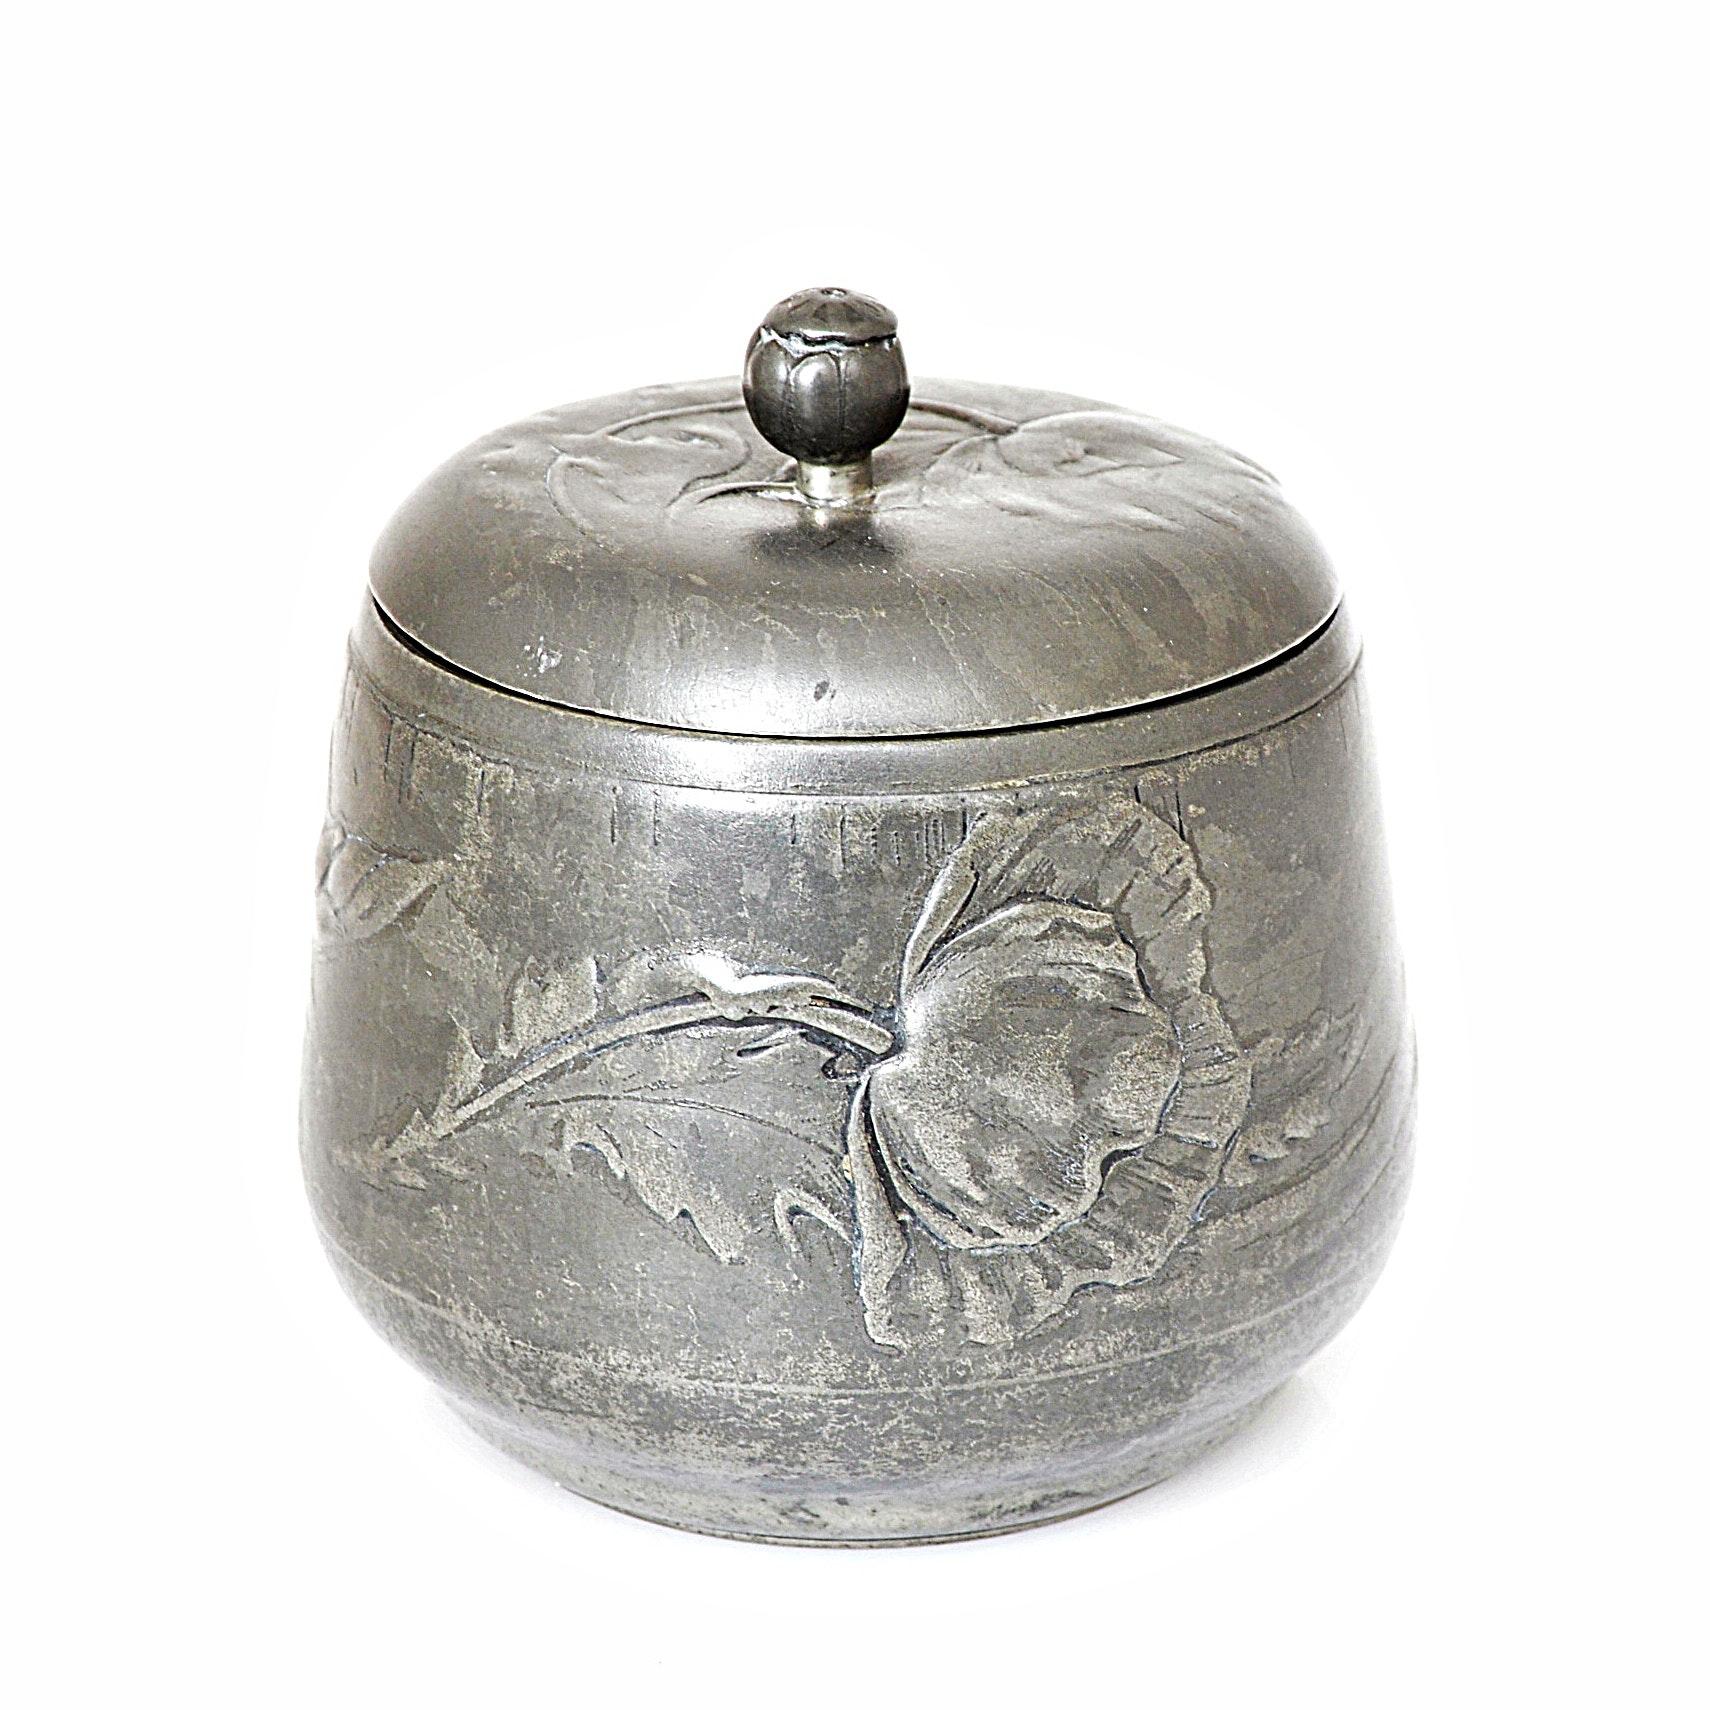 Art Nouveau Kayserzinn Lidded Jar